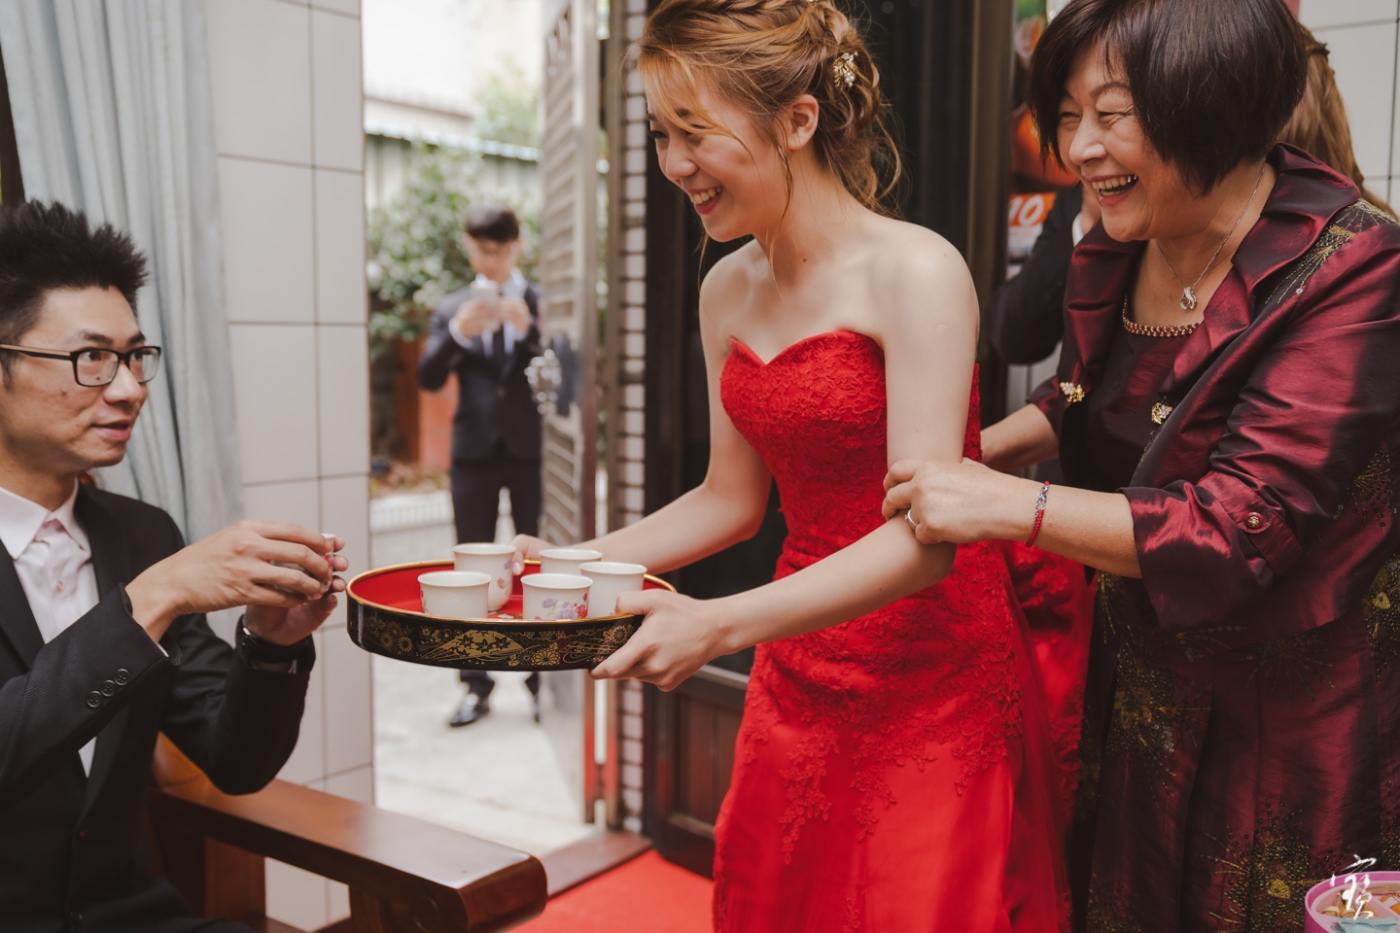 桃園婚禮 晶麒莊園 婚禮攝影 攝影師大寶 北部攝影 桃園攝影 新竹攝影 台北攝影 婚攝 早儀晚宴 1071014-12